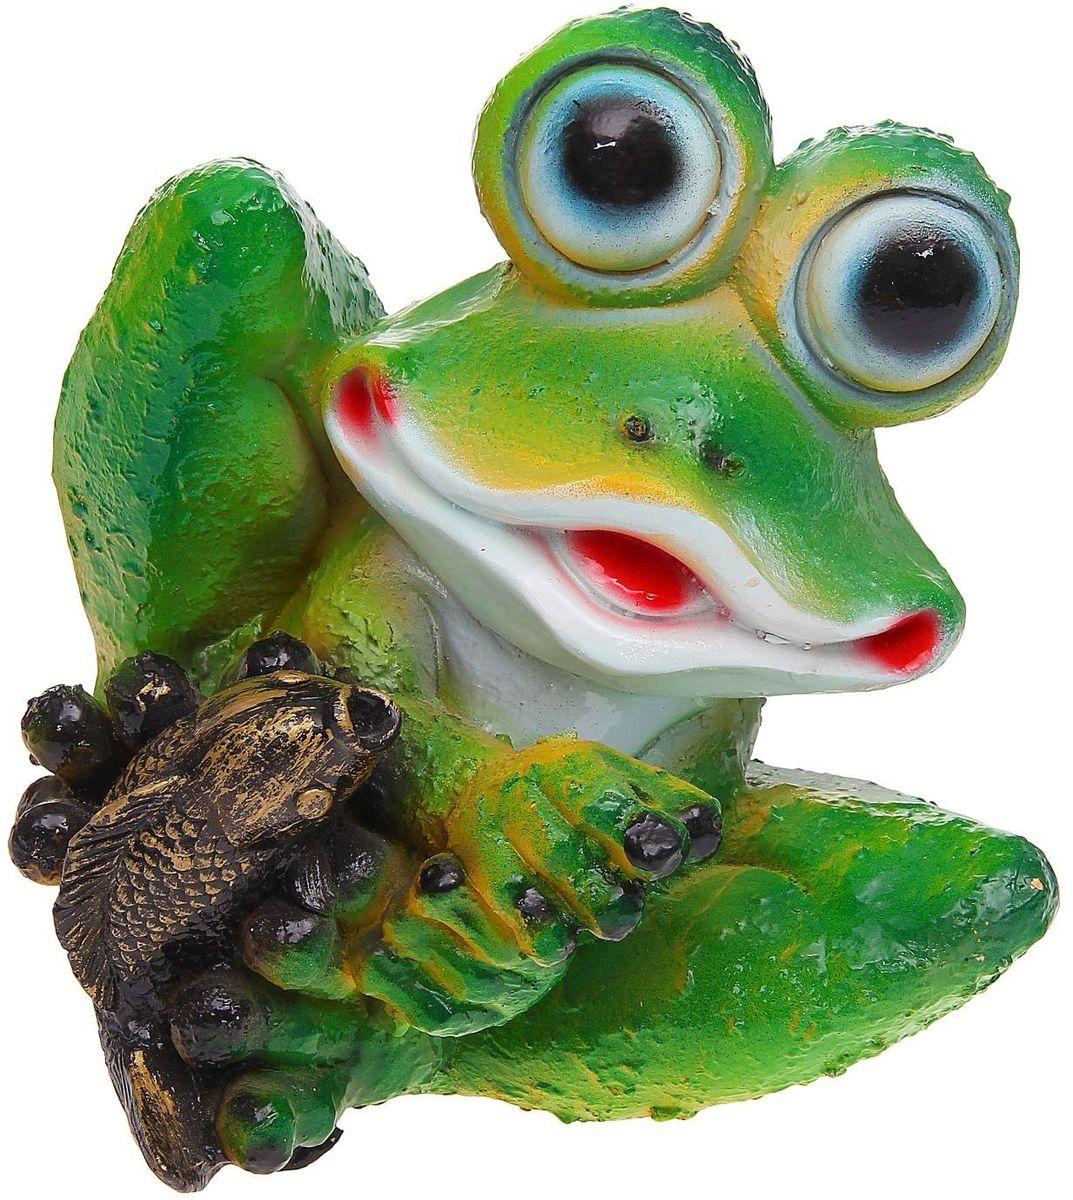 Фигура садовая Лягушонок с рыбкой, 23 х 23 х 25 см1160067Забавные лягушки добавят новые краски в ландшафт сада. Красочная садовая фигура легко расставит нужные акценты: приманит взор к водоёму или привлечёт внимание к цветочной клумбе. Гармоничнее всего лягушата сморятся в местах своего природного обитания: располагайте их рядом с водой или в траве. Садовая фигура из полистоуна (искусственного камня) — оптимальное решение для уличных условий. Этот материал не выцветает на солнце, даже если находится под воздействием ультрафиолета круглый год. Искусственный камень имеет низкую пористость, поэтому ему не страшна влага и на нём не появятся трещины. Садовая фигура будет хранить красоту сада долгие годы.